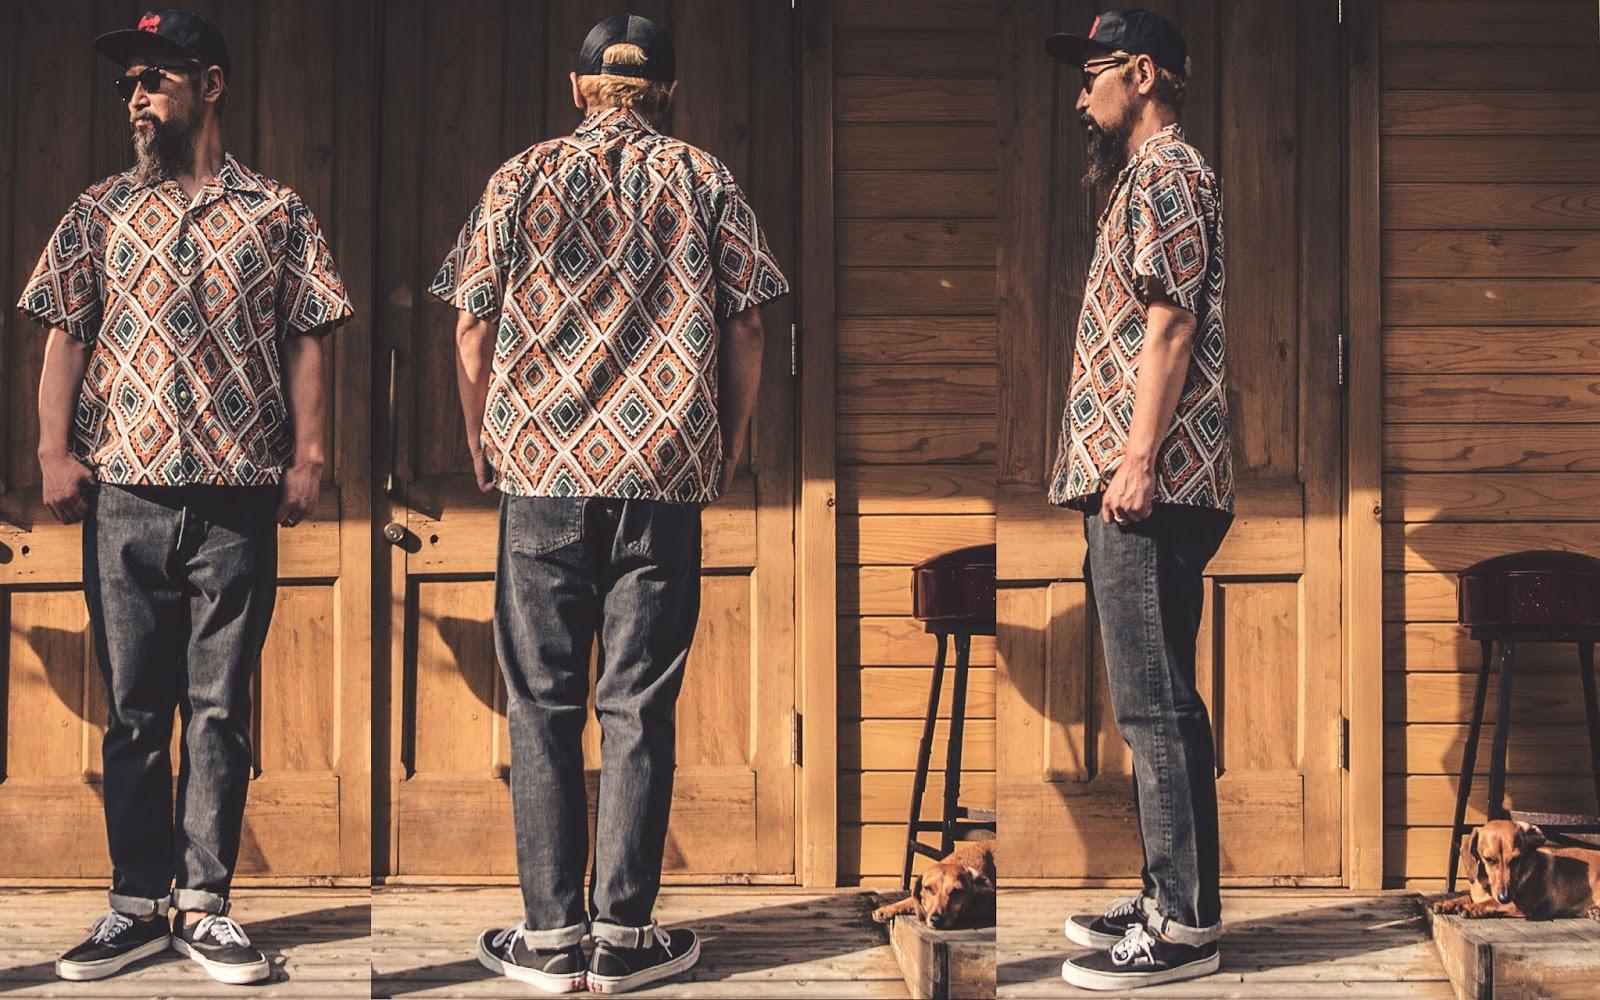 スターオブハリウッド ボーリングシャツ アロハシャツ オープンカラーシャツ スター オブ ハリウッド フィフティーズシャツ